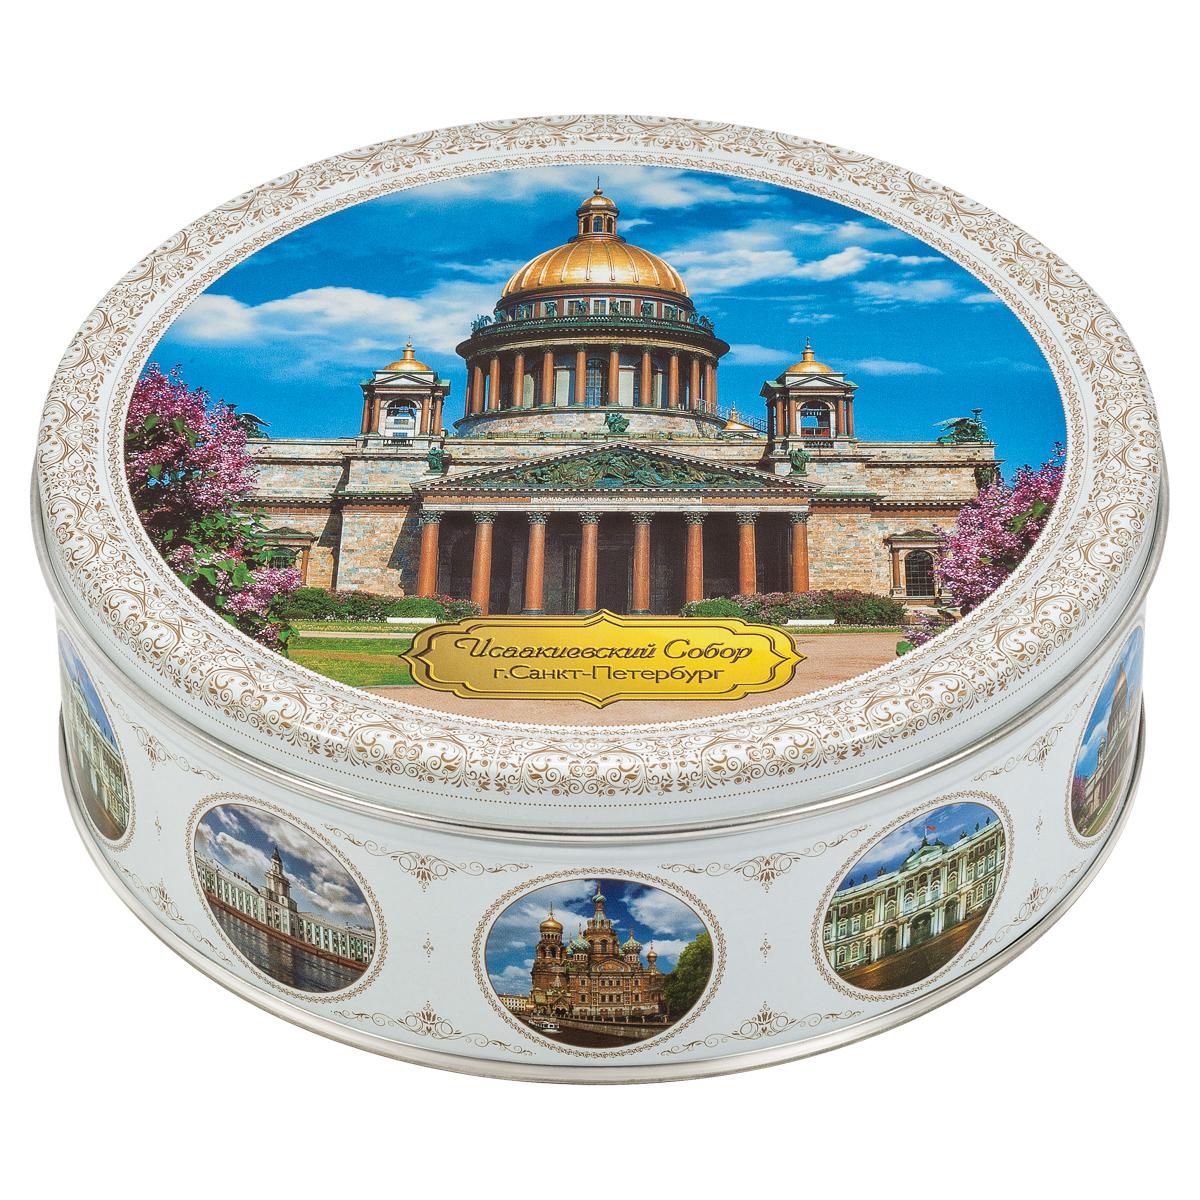 Monte Christo Санкт-Петербург. Исаакиевский собор печенье со сливочным маслом, 400 г сладкая сказка печенье дед мороз и снегурочка 400 г